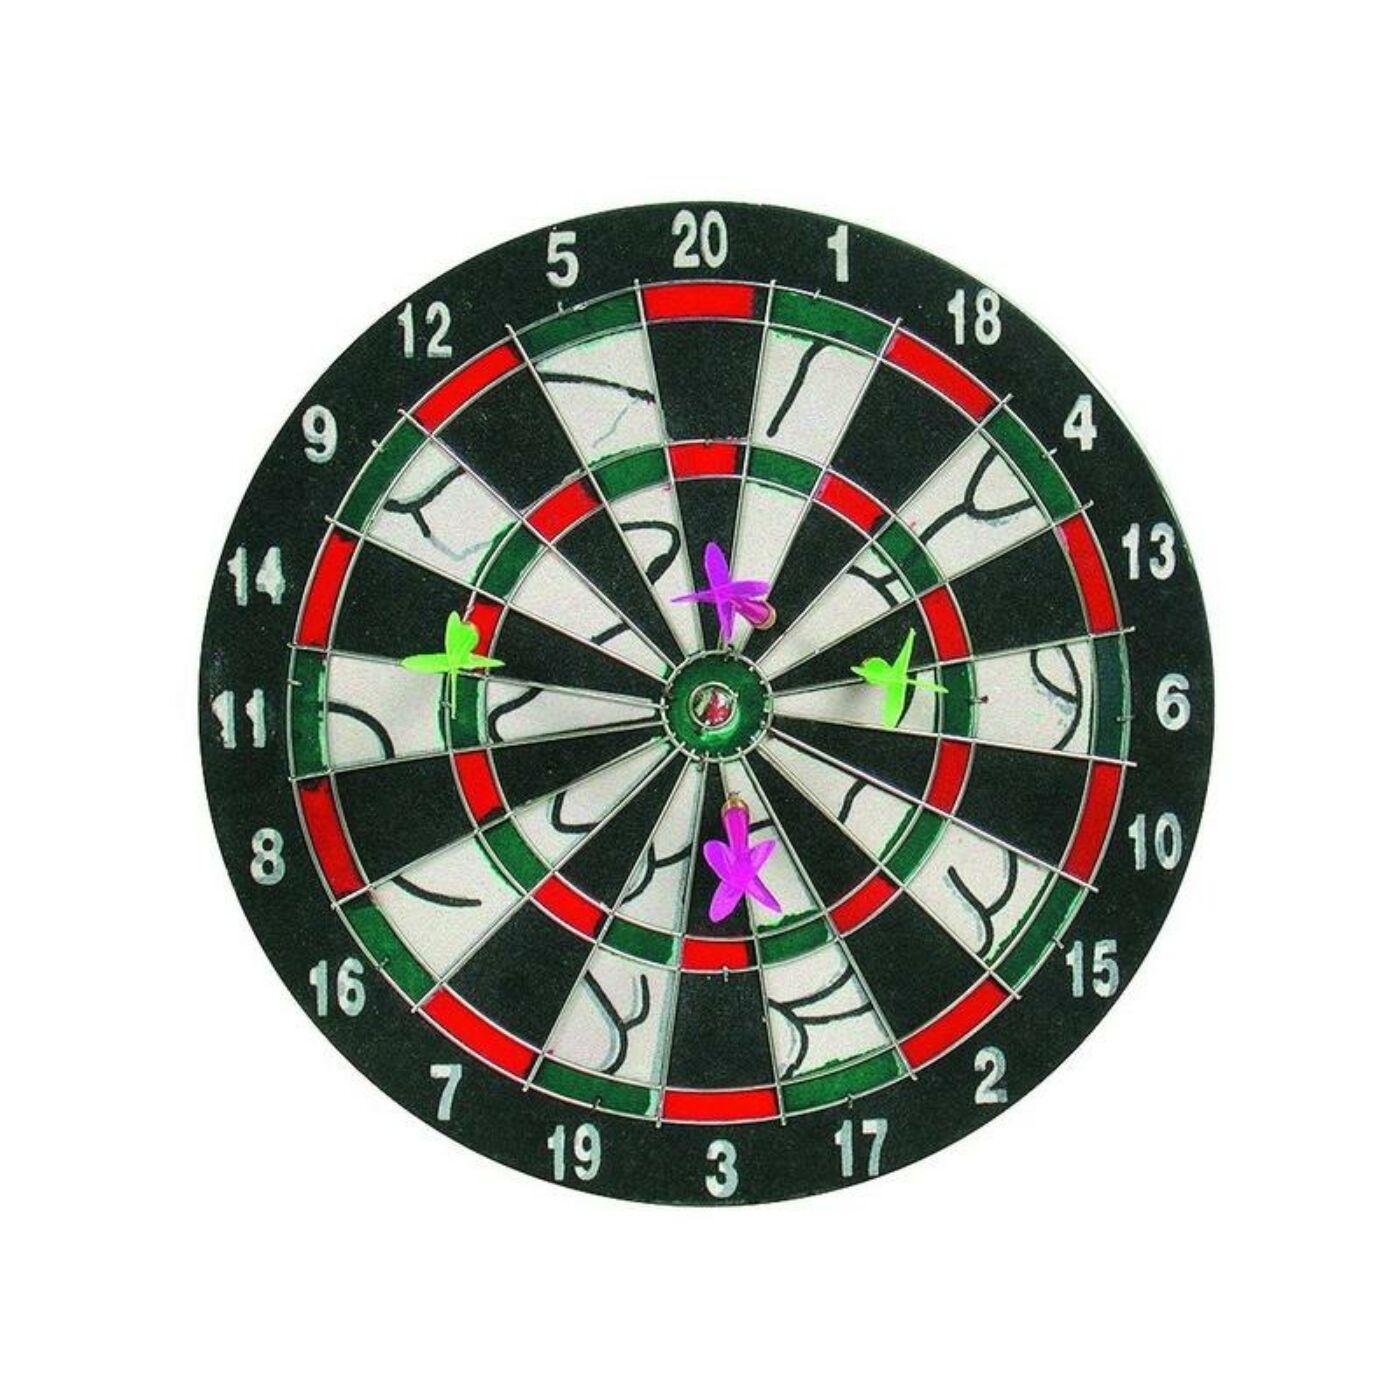 Darts tábla 4 dobónyillal